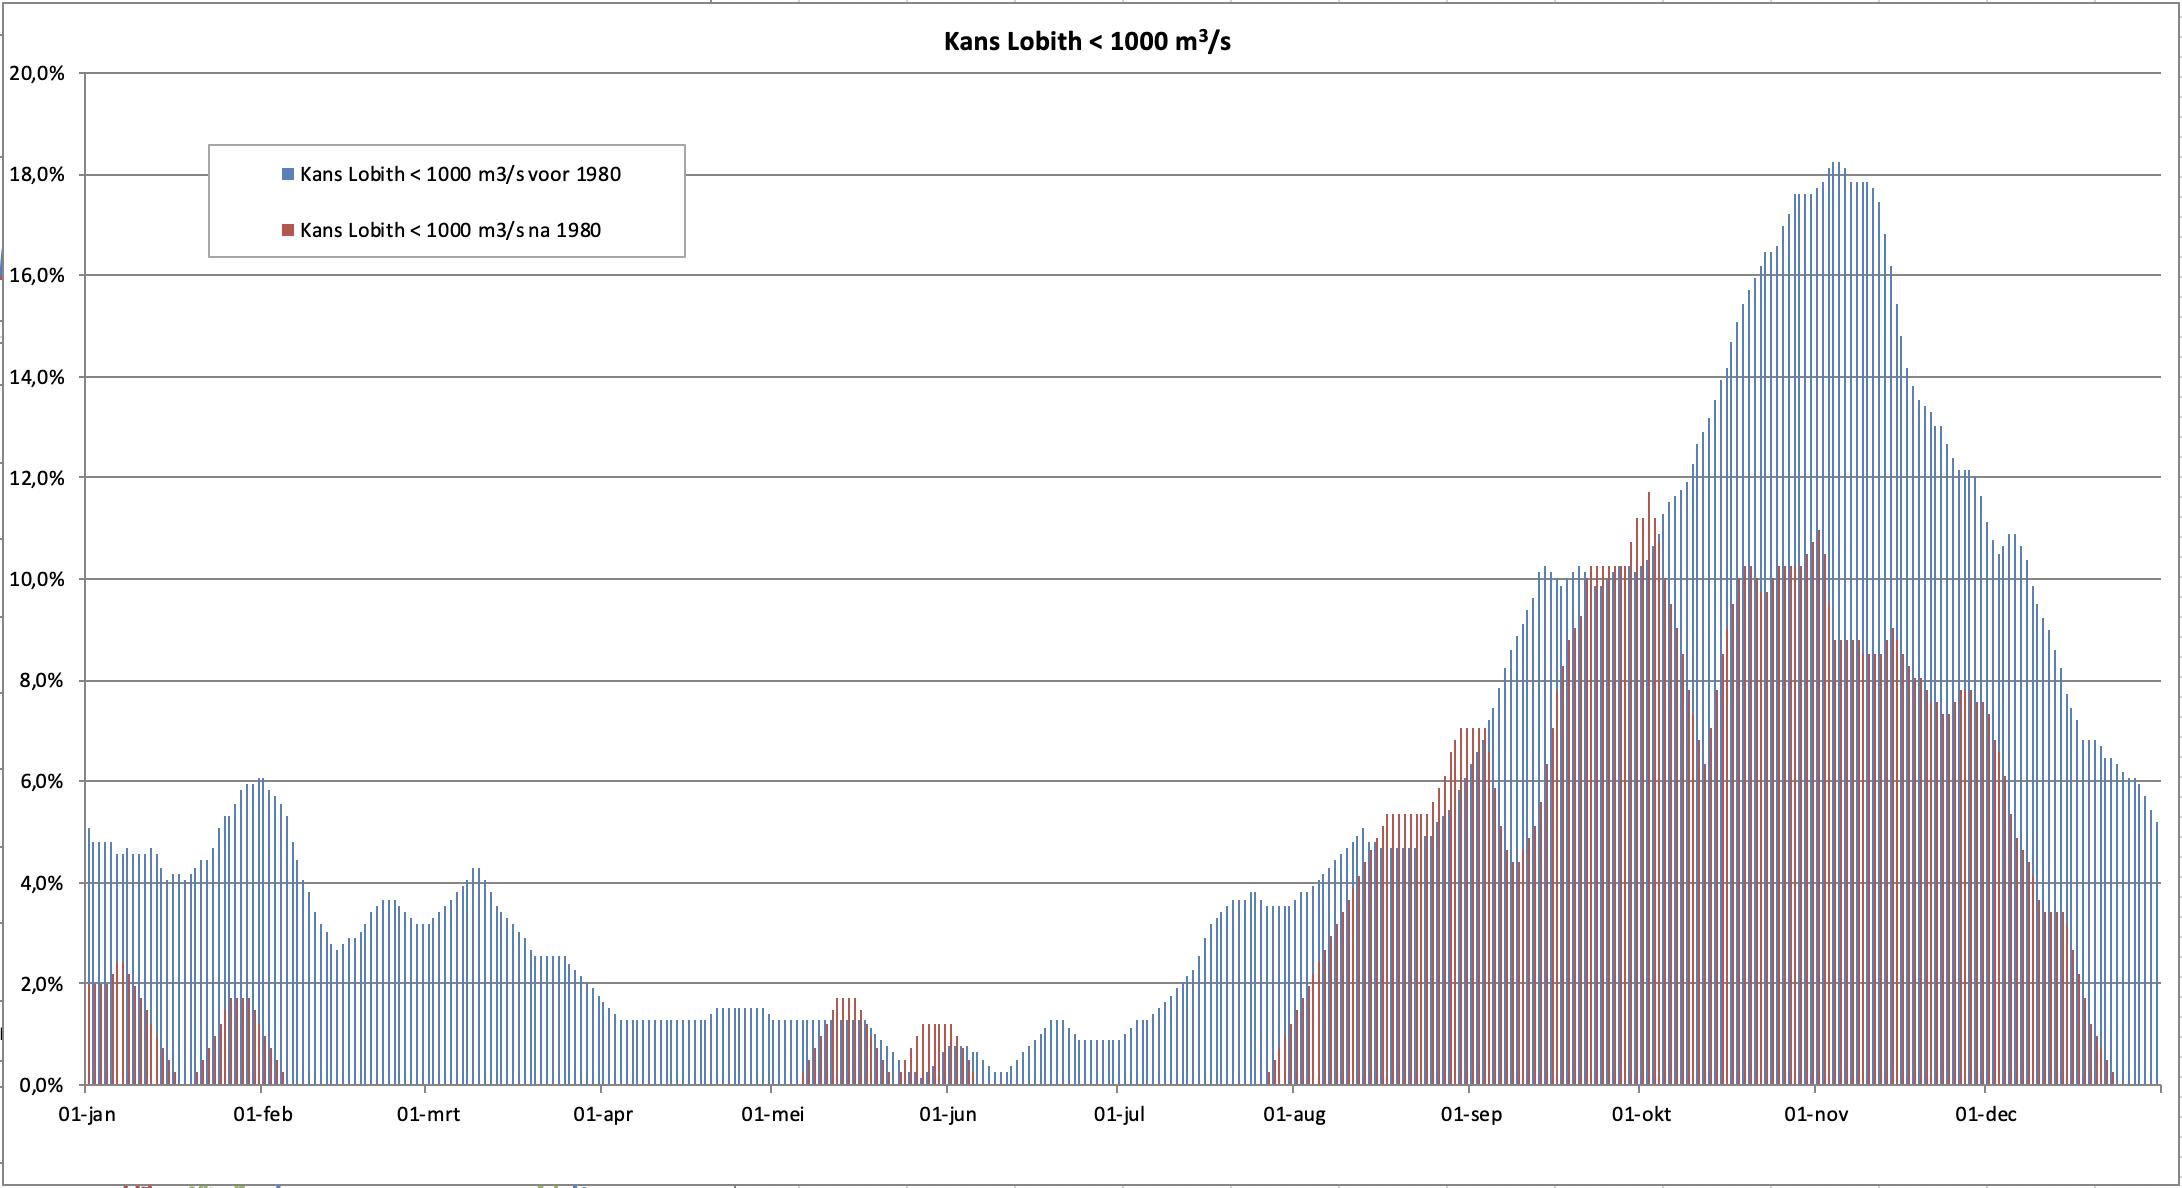 Kans op een Rijnafvoer <1000 m3/s gedurende het jaar. Er is onderscheid gemaakt in de periode tot 1980 en de periode daarna.